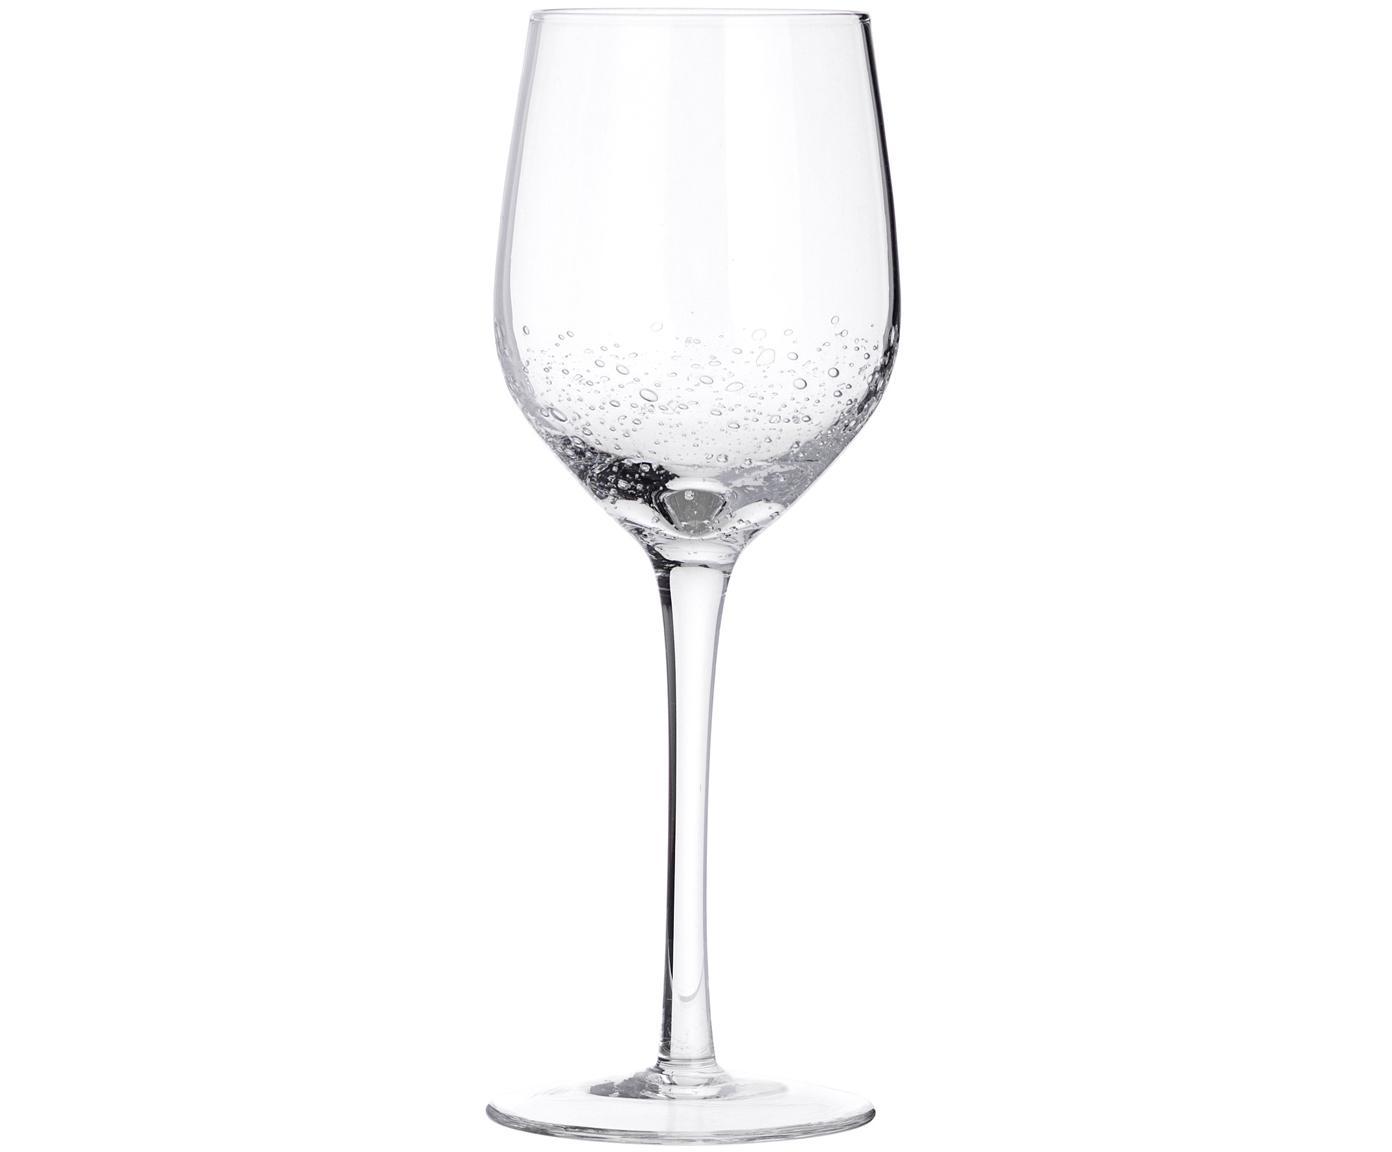 Copas de vino blanco de vidrio soplado Bubble, 4uds., Vidrio soplado artesanalmente, Transparente con burbujas de aire, Ø 8 x Al 21 cm